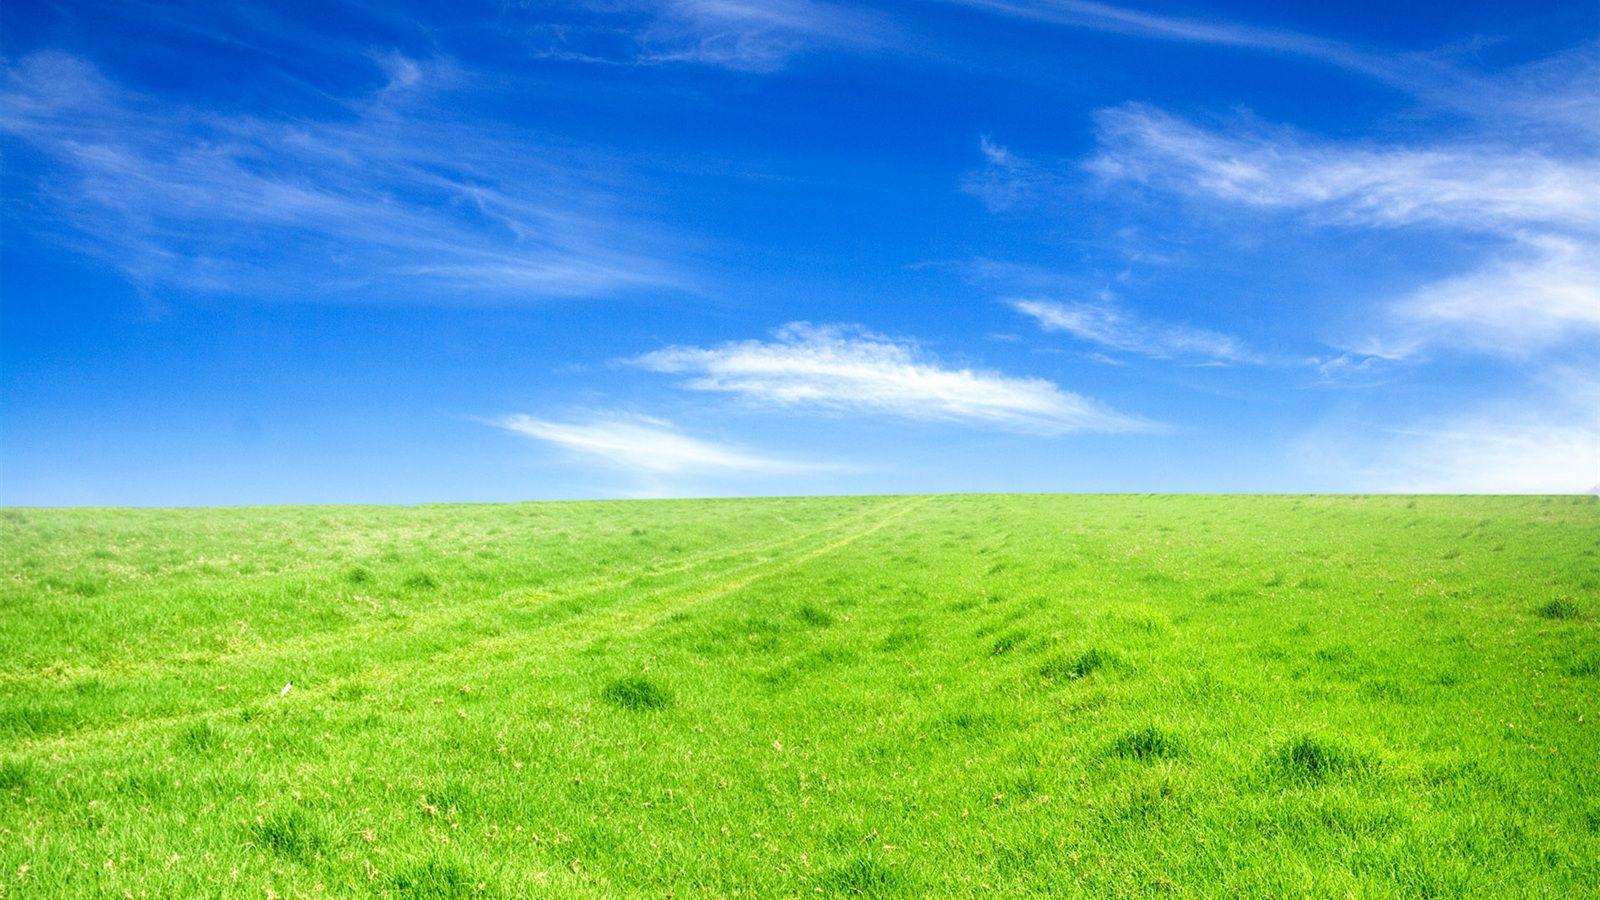 1600x900 壁紙 緑の芝生 青空 青空 緑 壁紙 デスクトップの背景